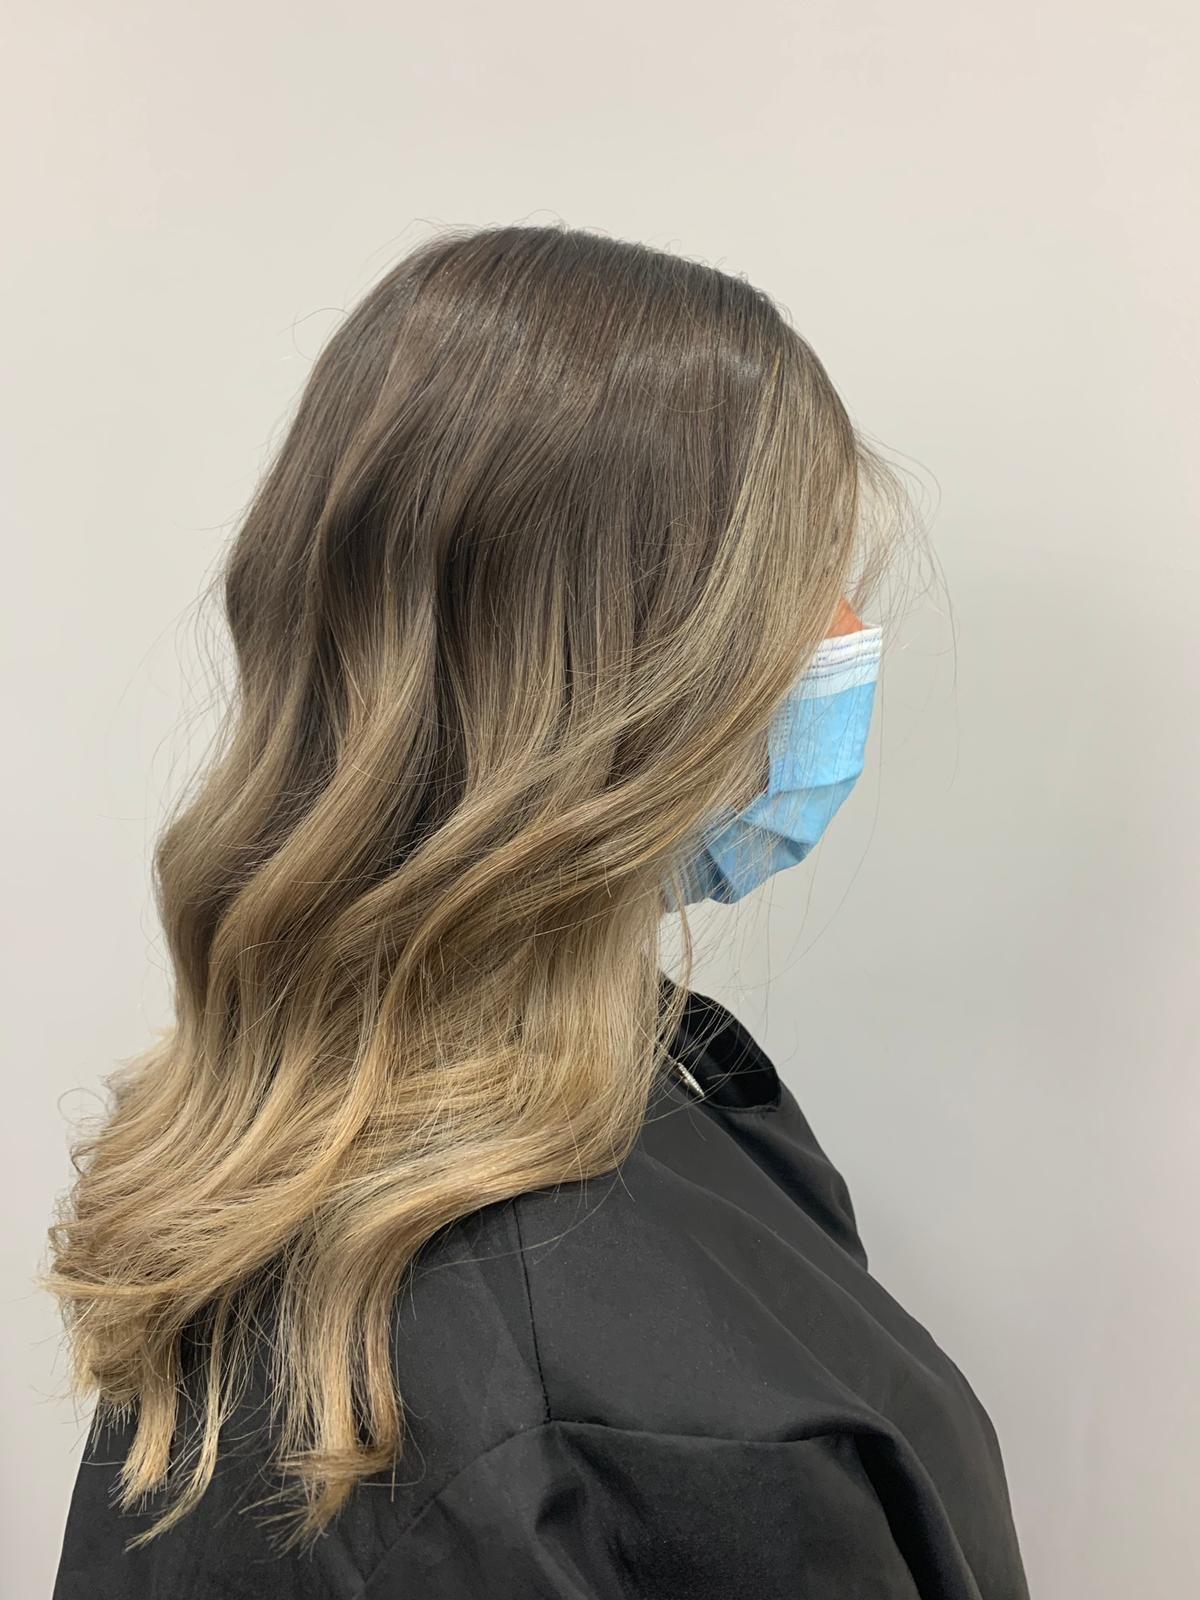 Get The Look: Post-Lockdown Hair Trends